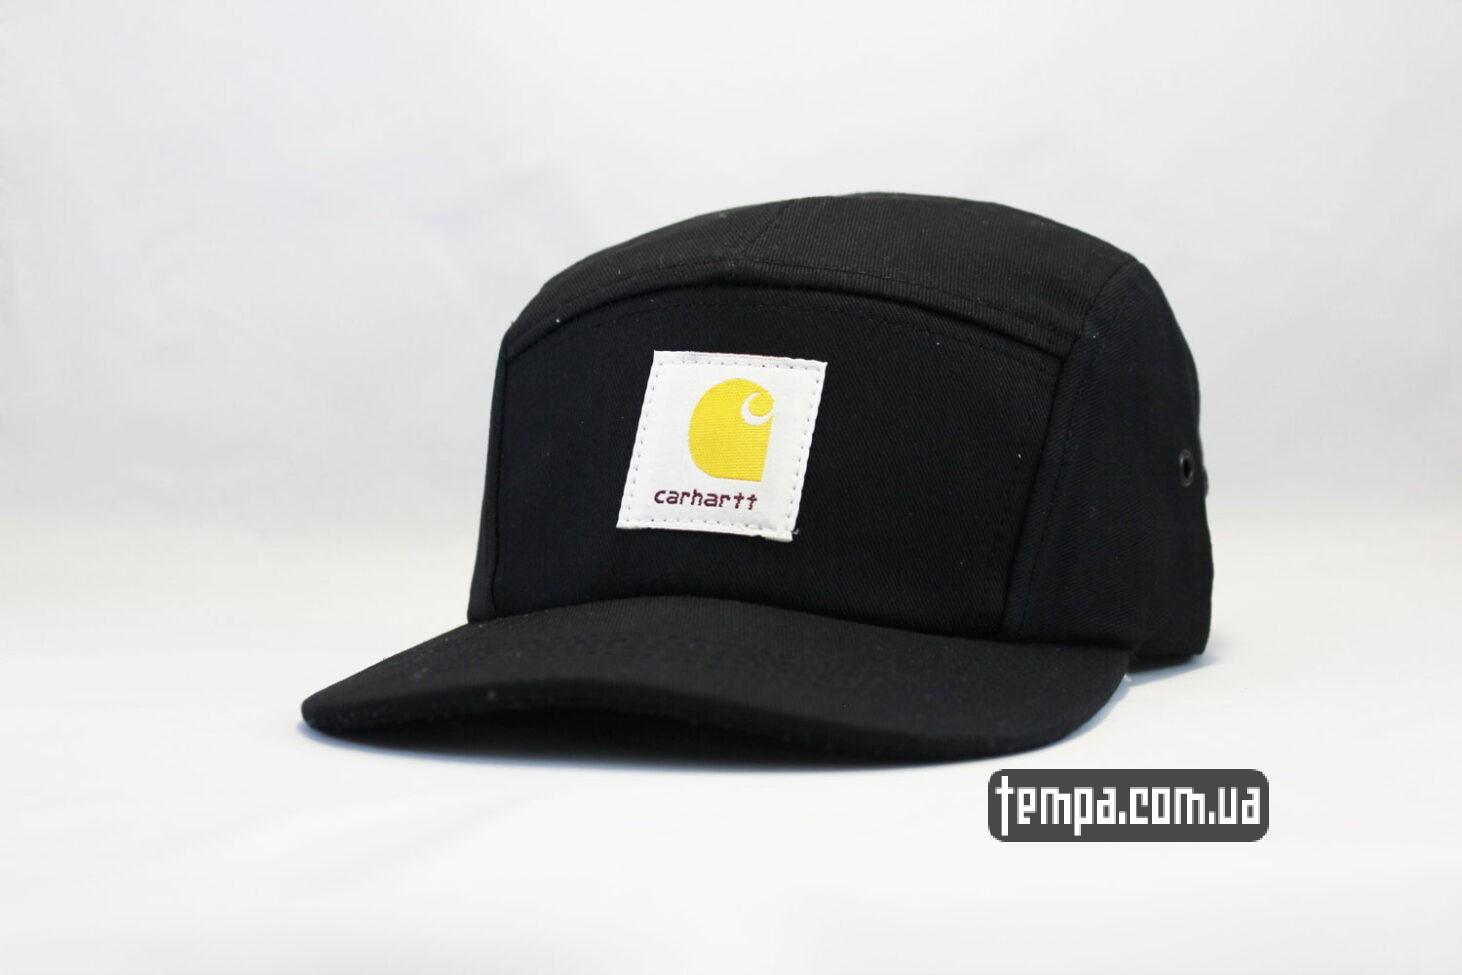 пятипанельная кепка carhartt 5 panel cap черная